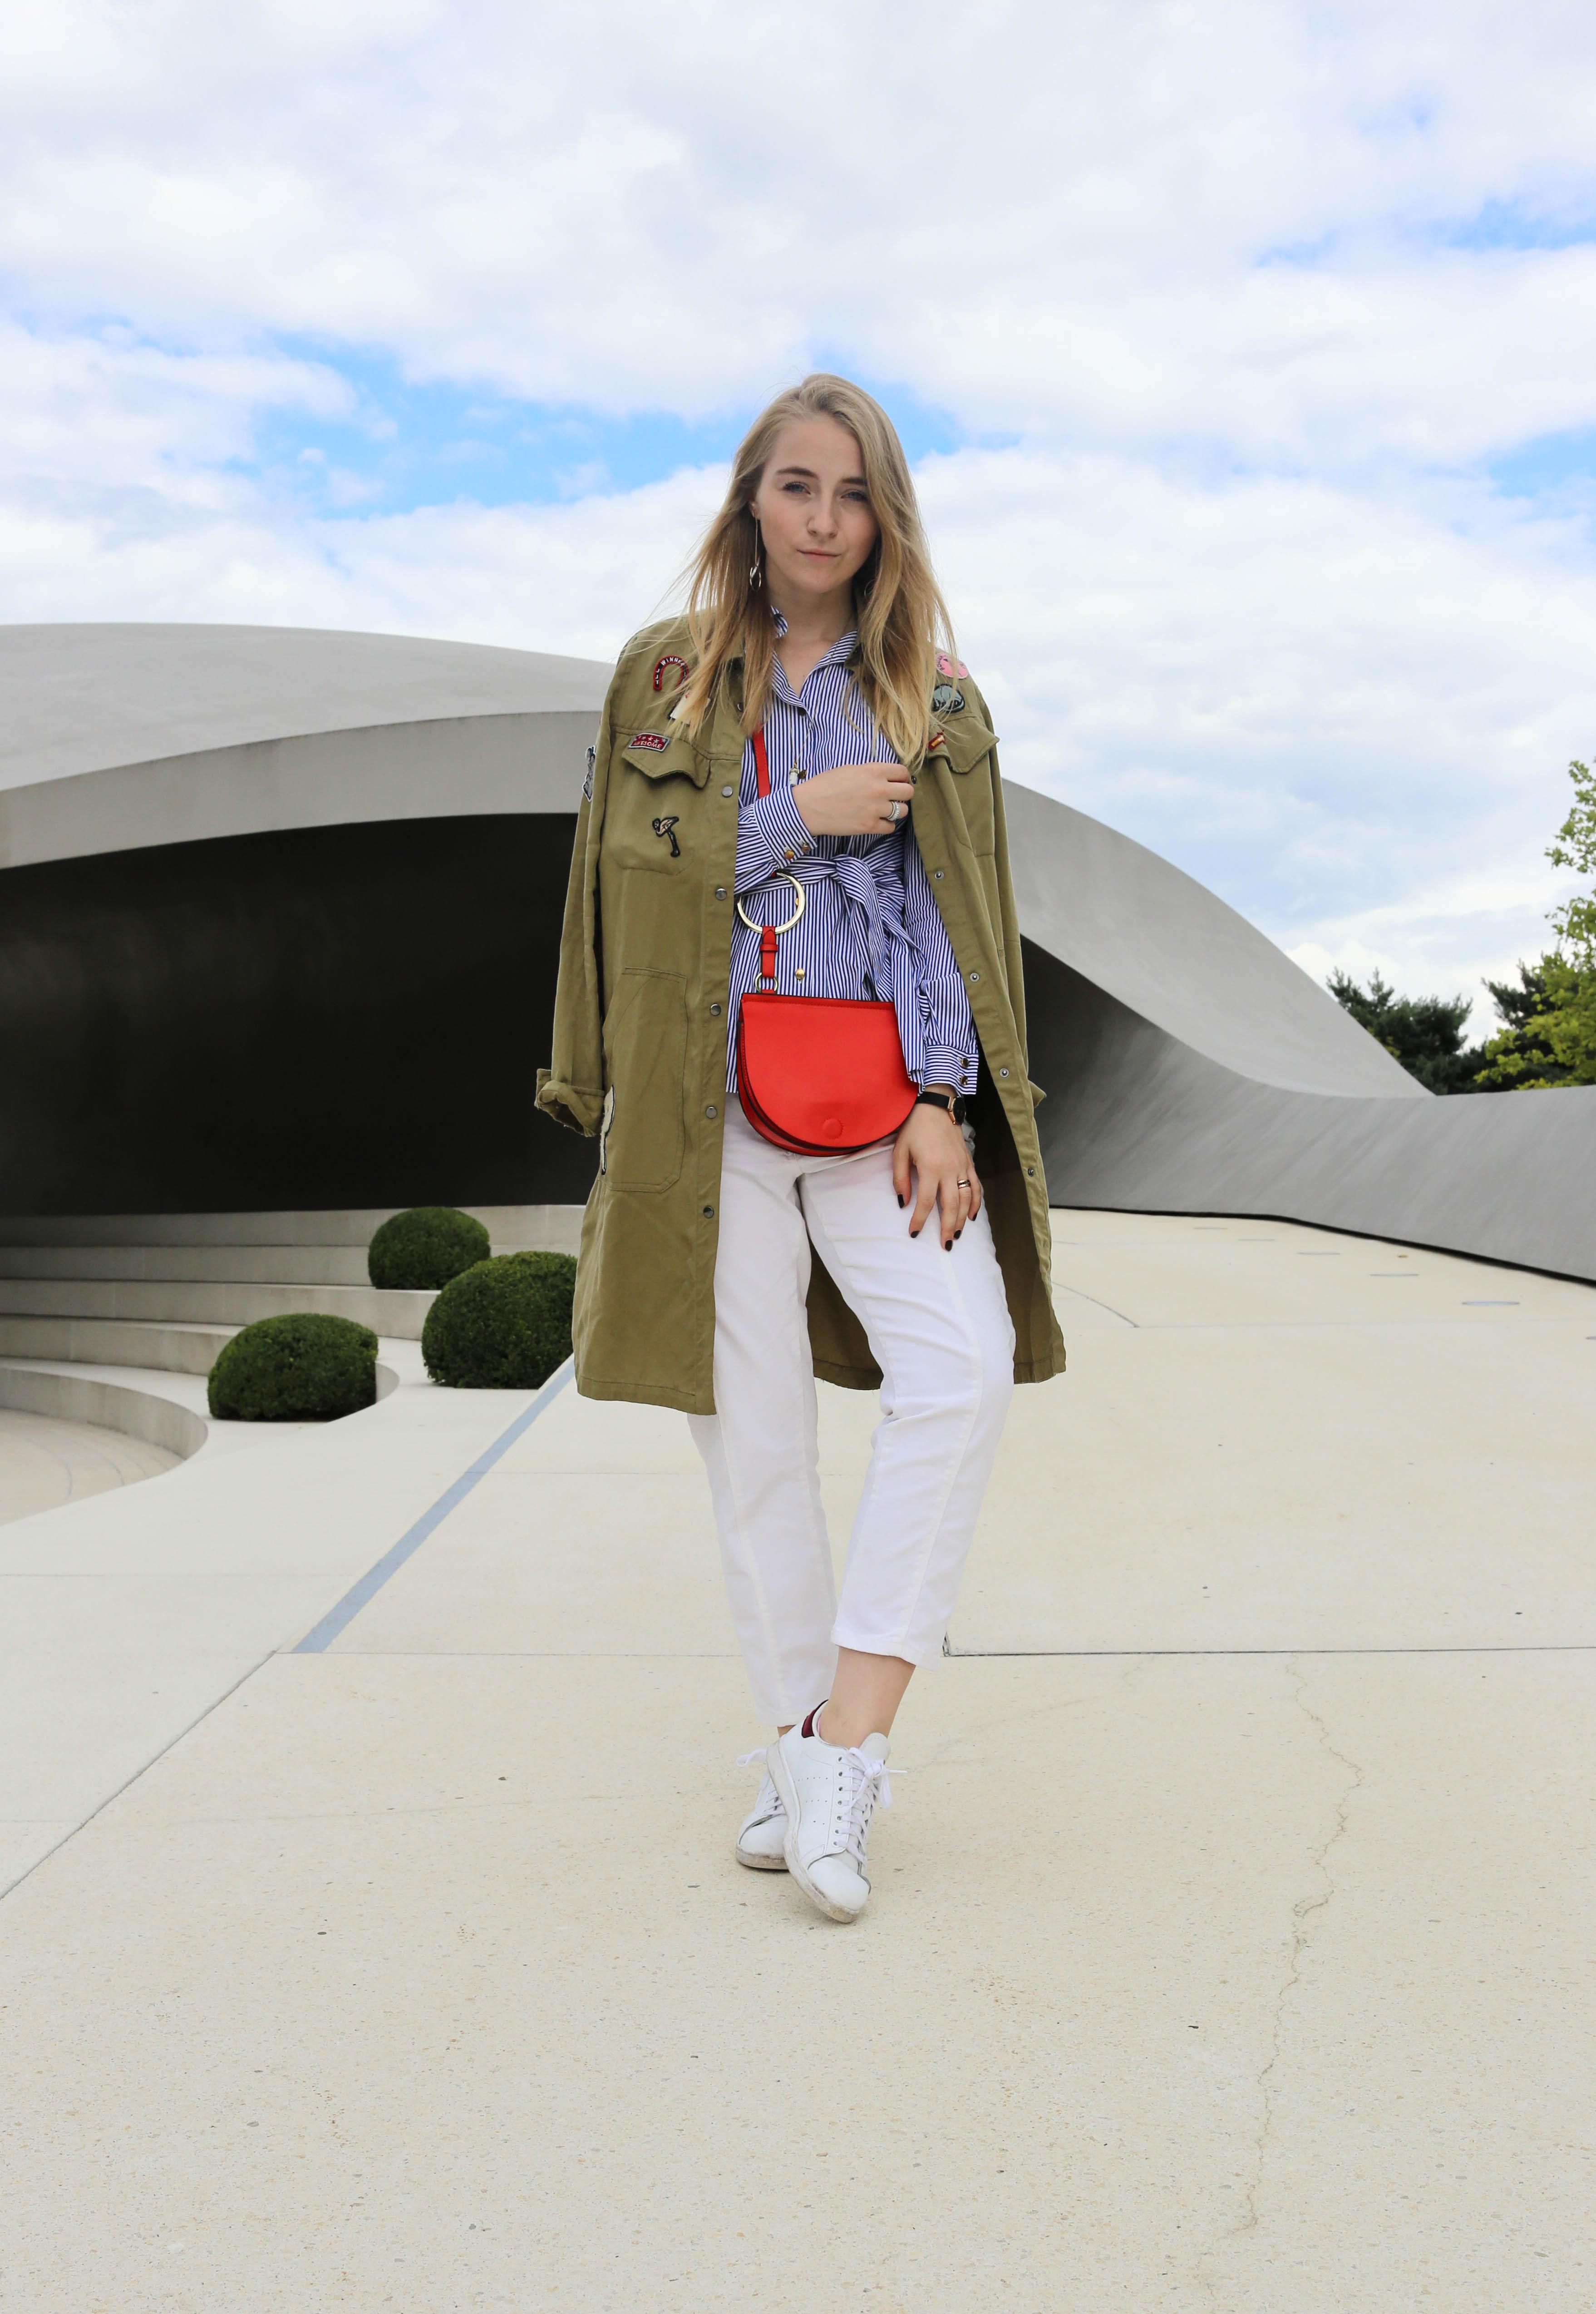 die-kleine-rote-weiße-hose-sneaker-schleifenbluse-zugeschnürt-modeblog_9721